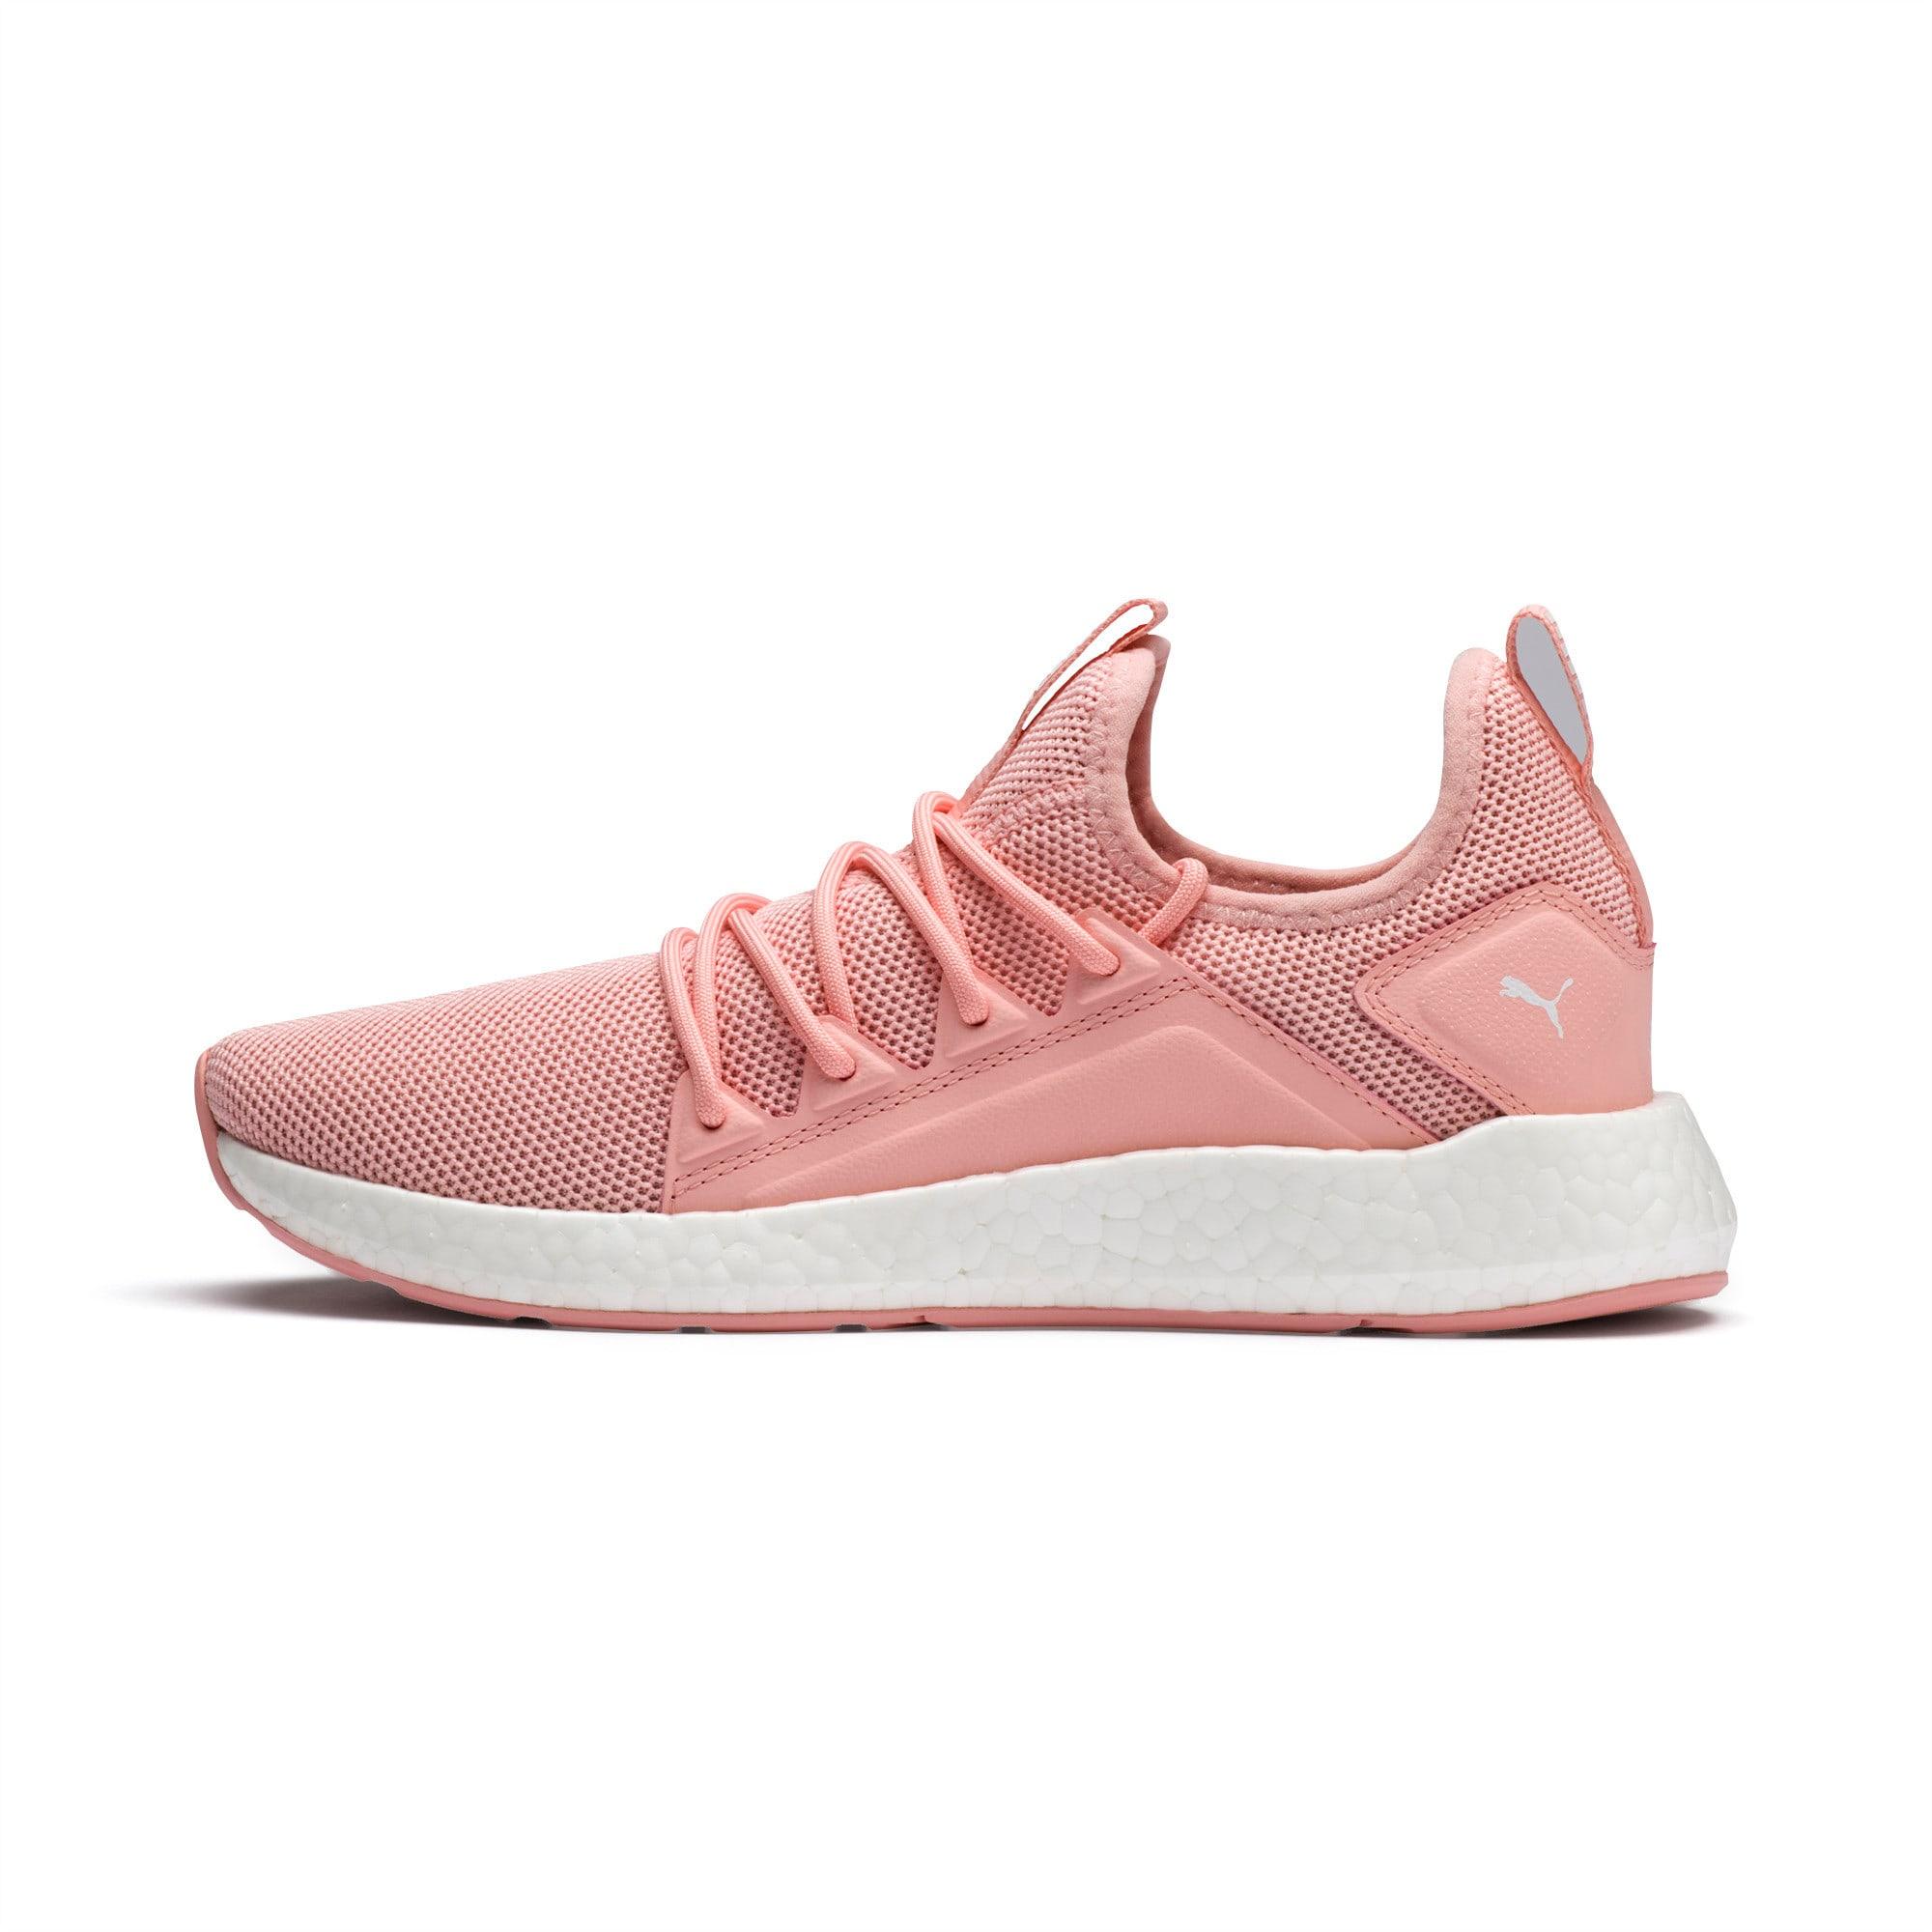 NRGY Neko Women's Running Shoes